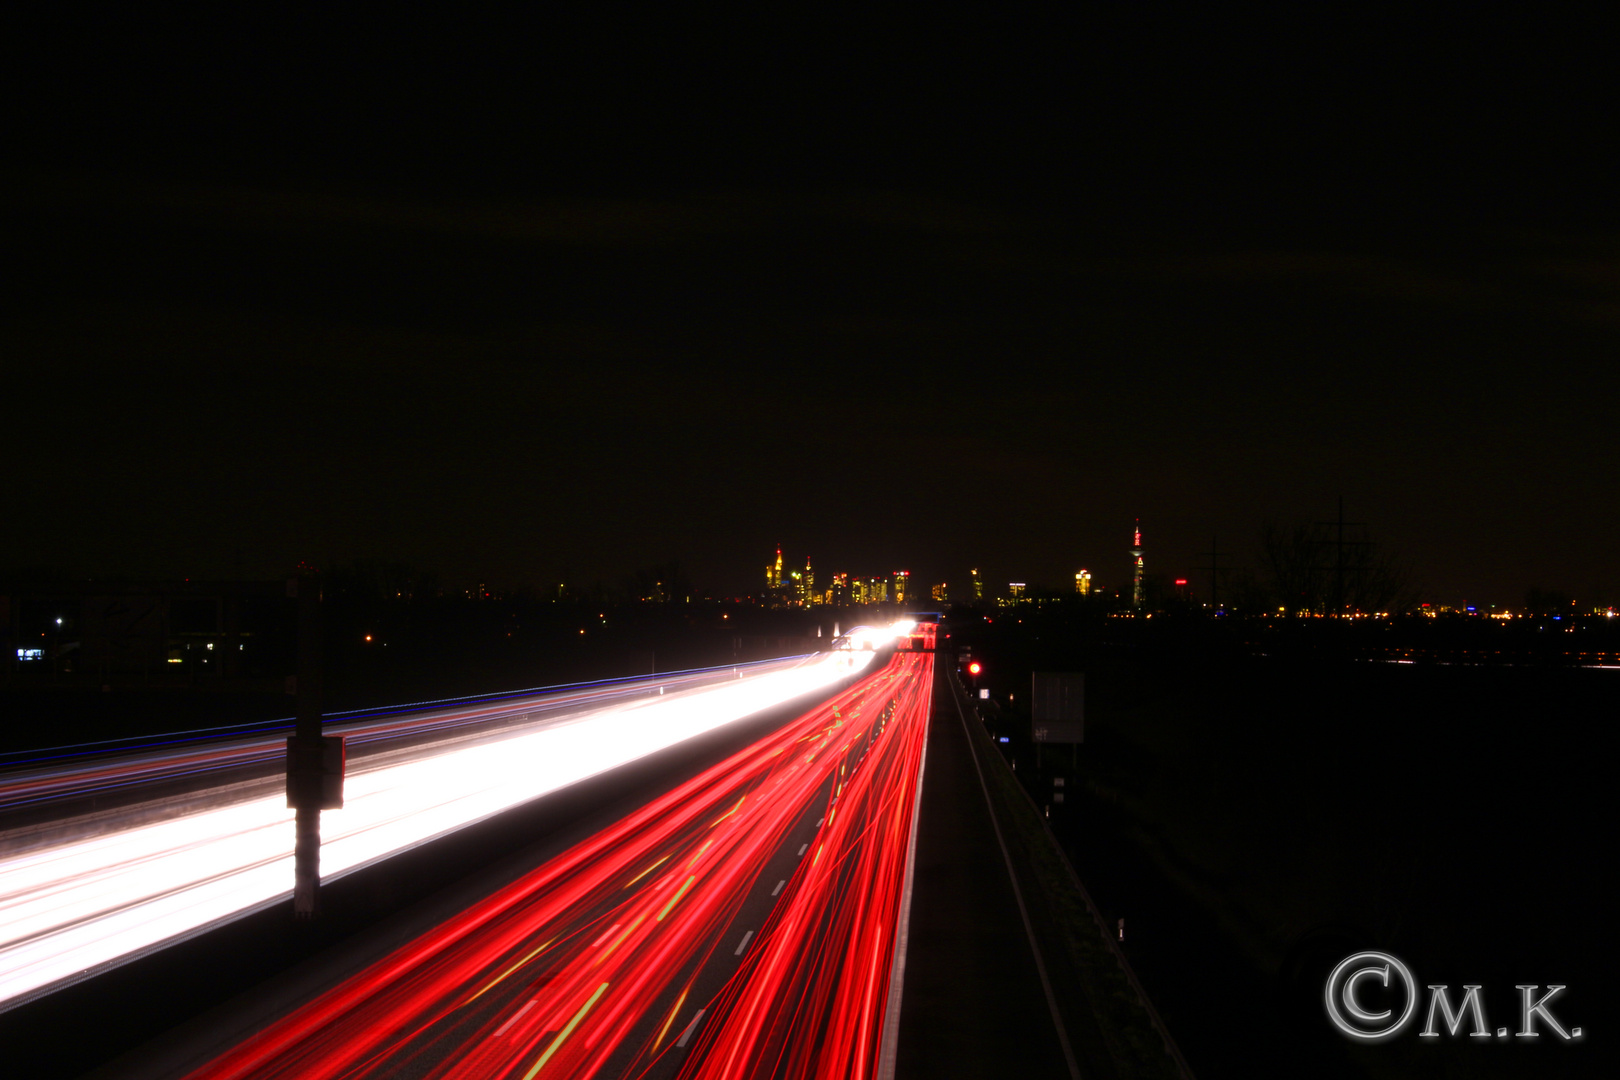 Lichterstrom nach Frankfurt